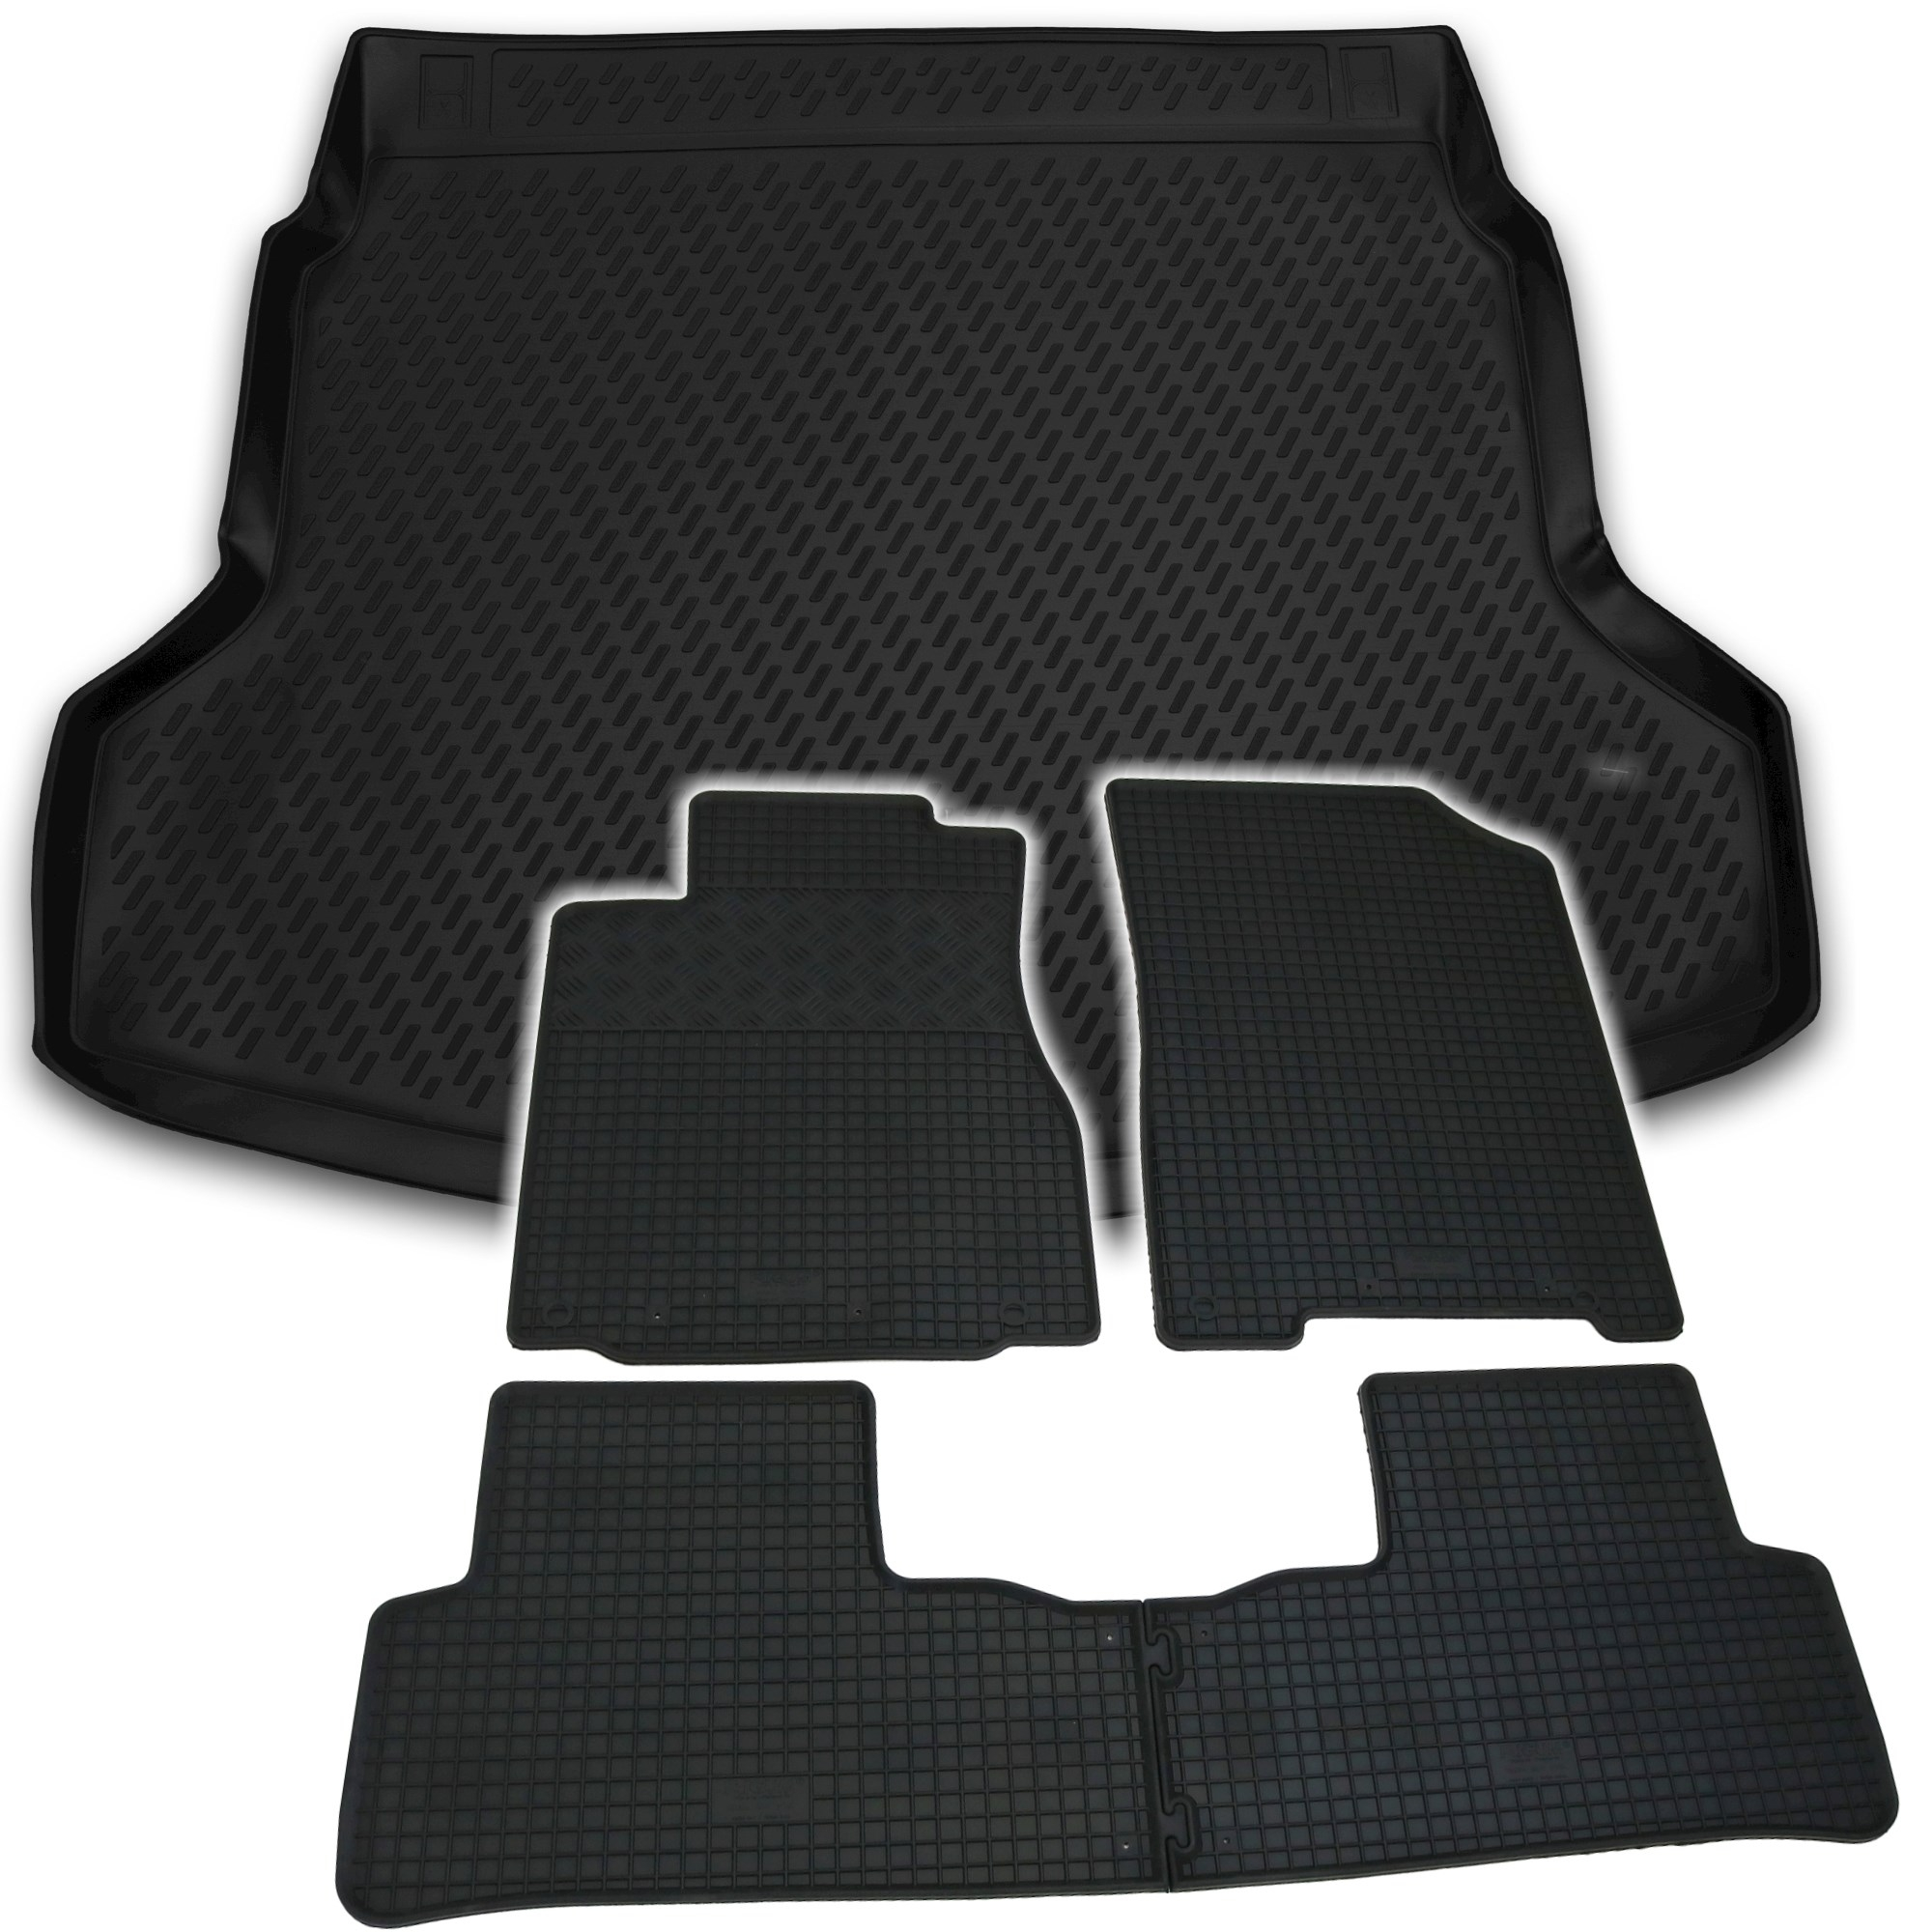 Kofferraumwanne Set für Honda HRV ab 2015 Fußmatten